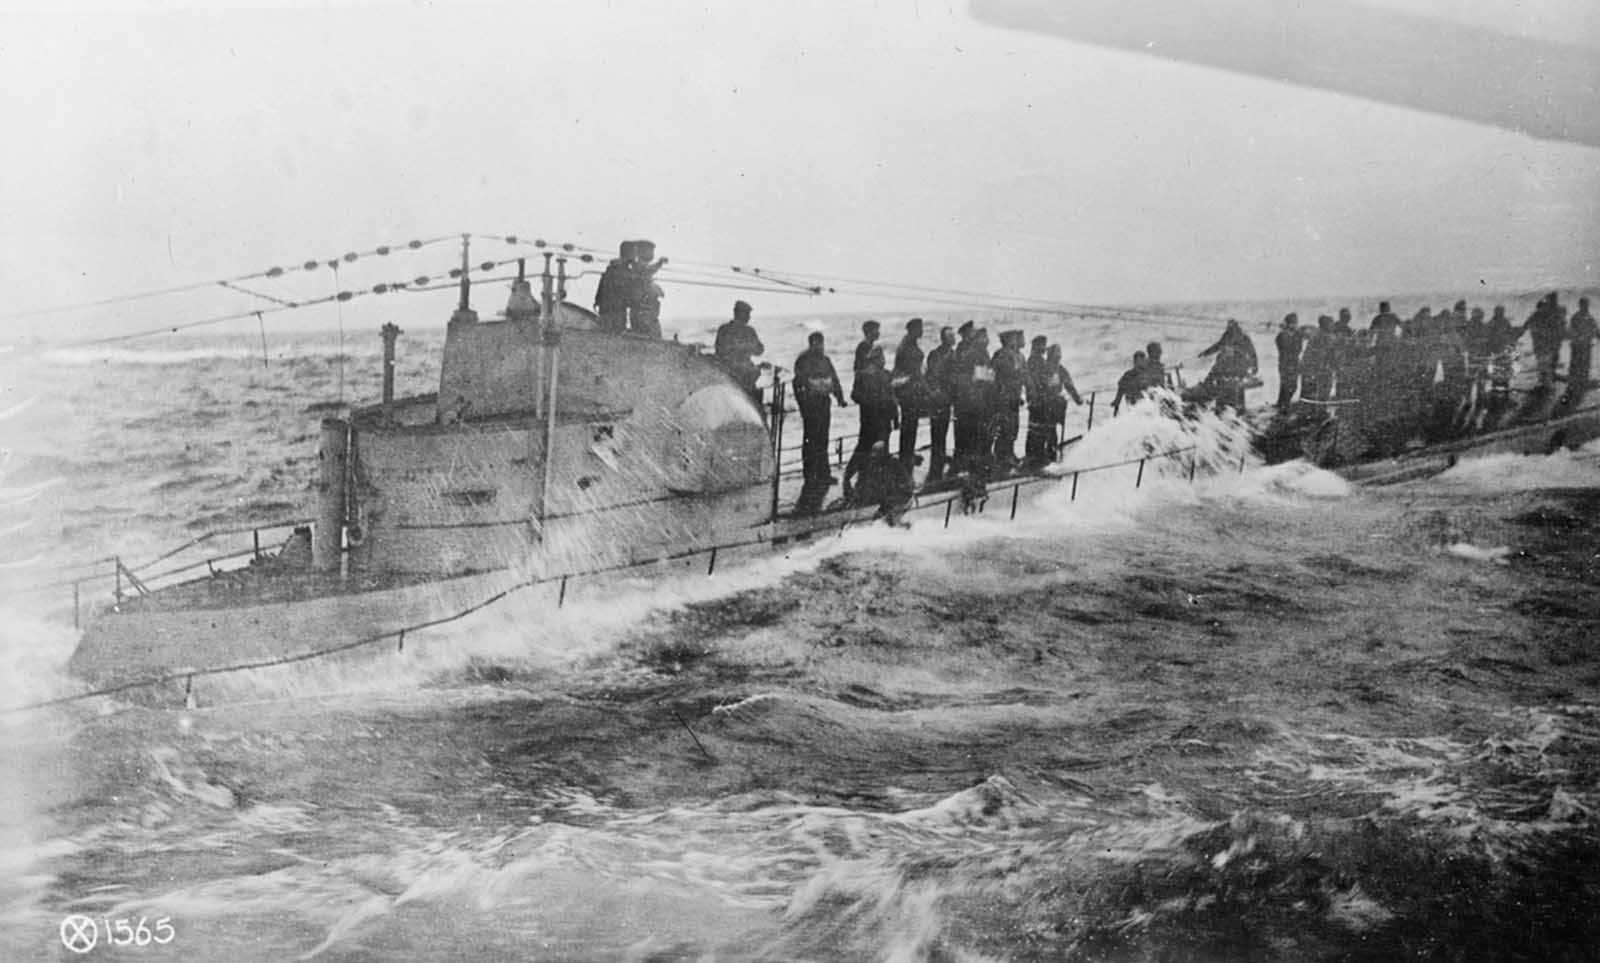 The Naval Warfare Of World War One